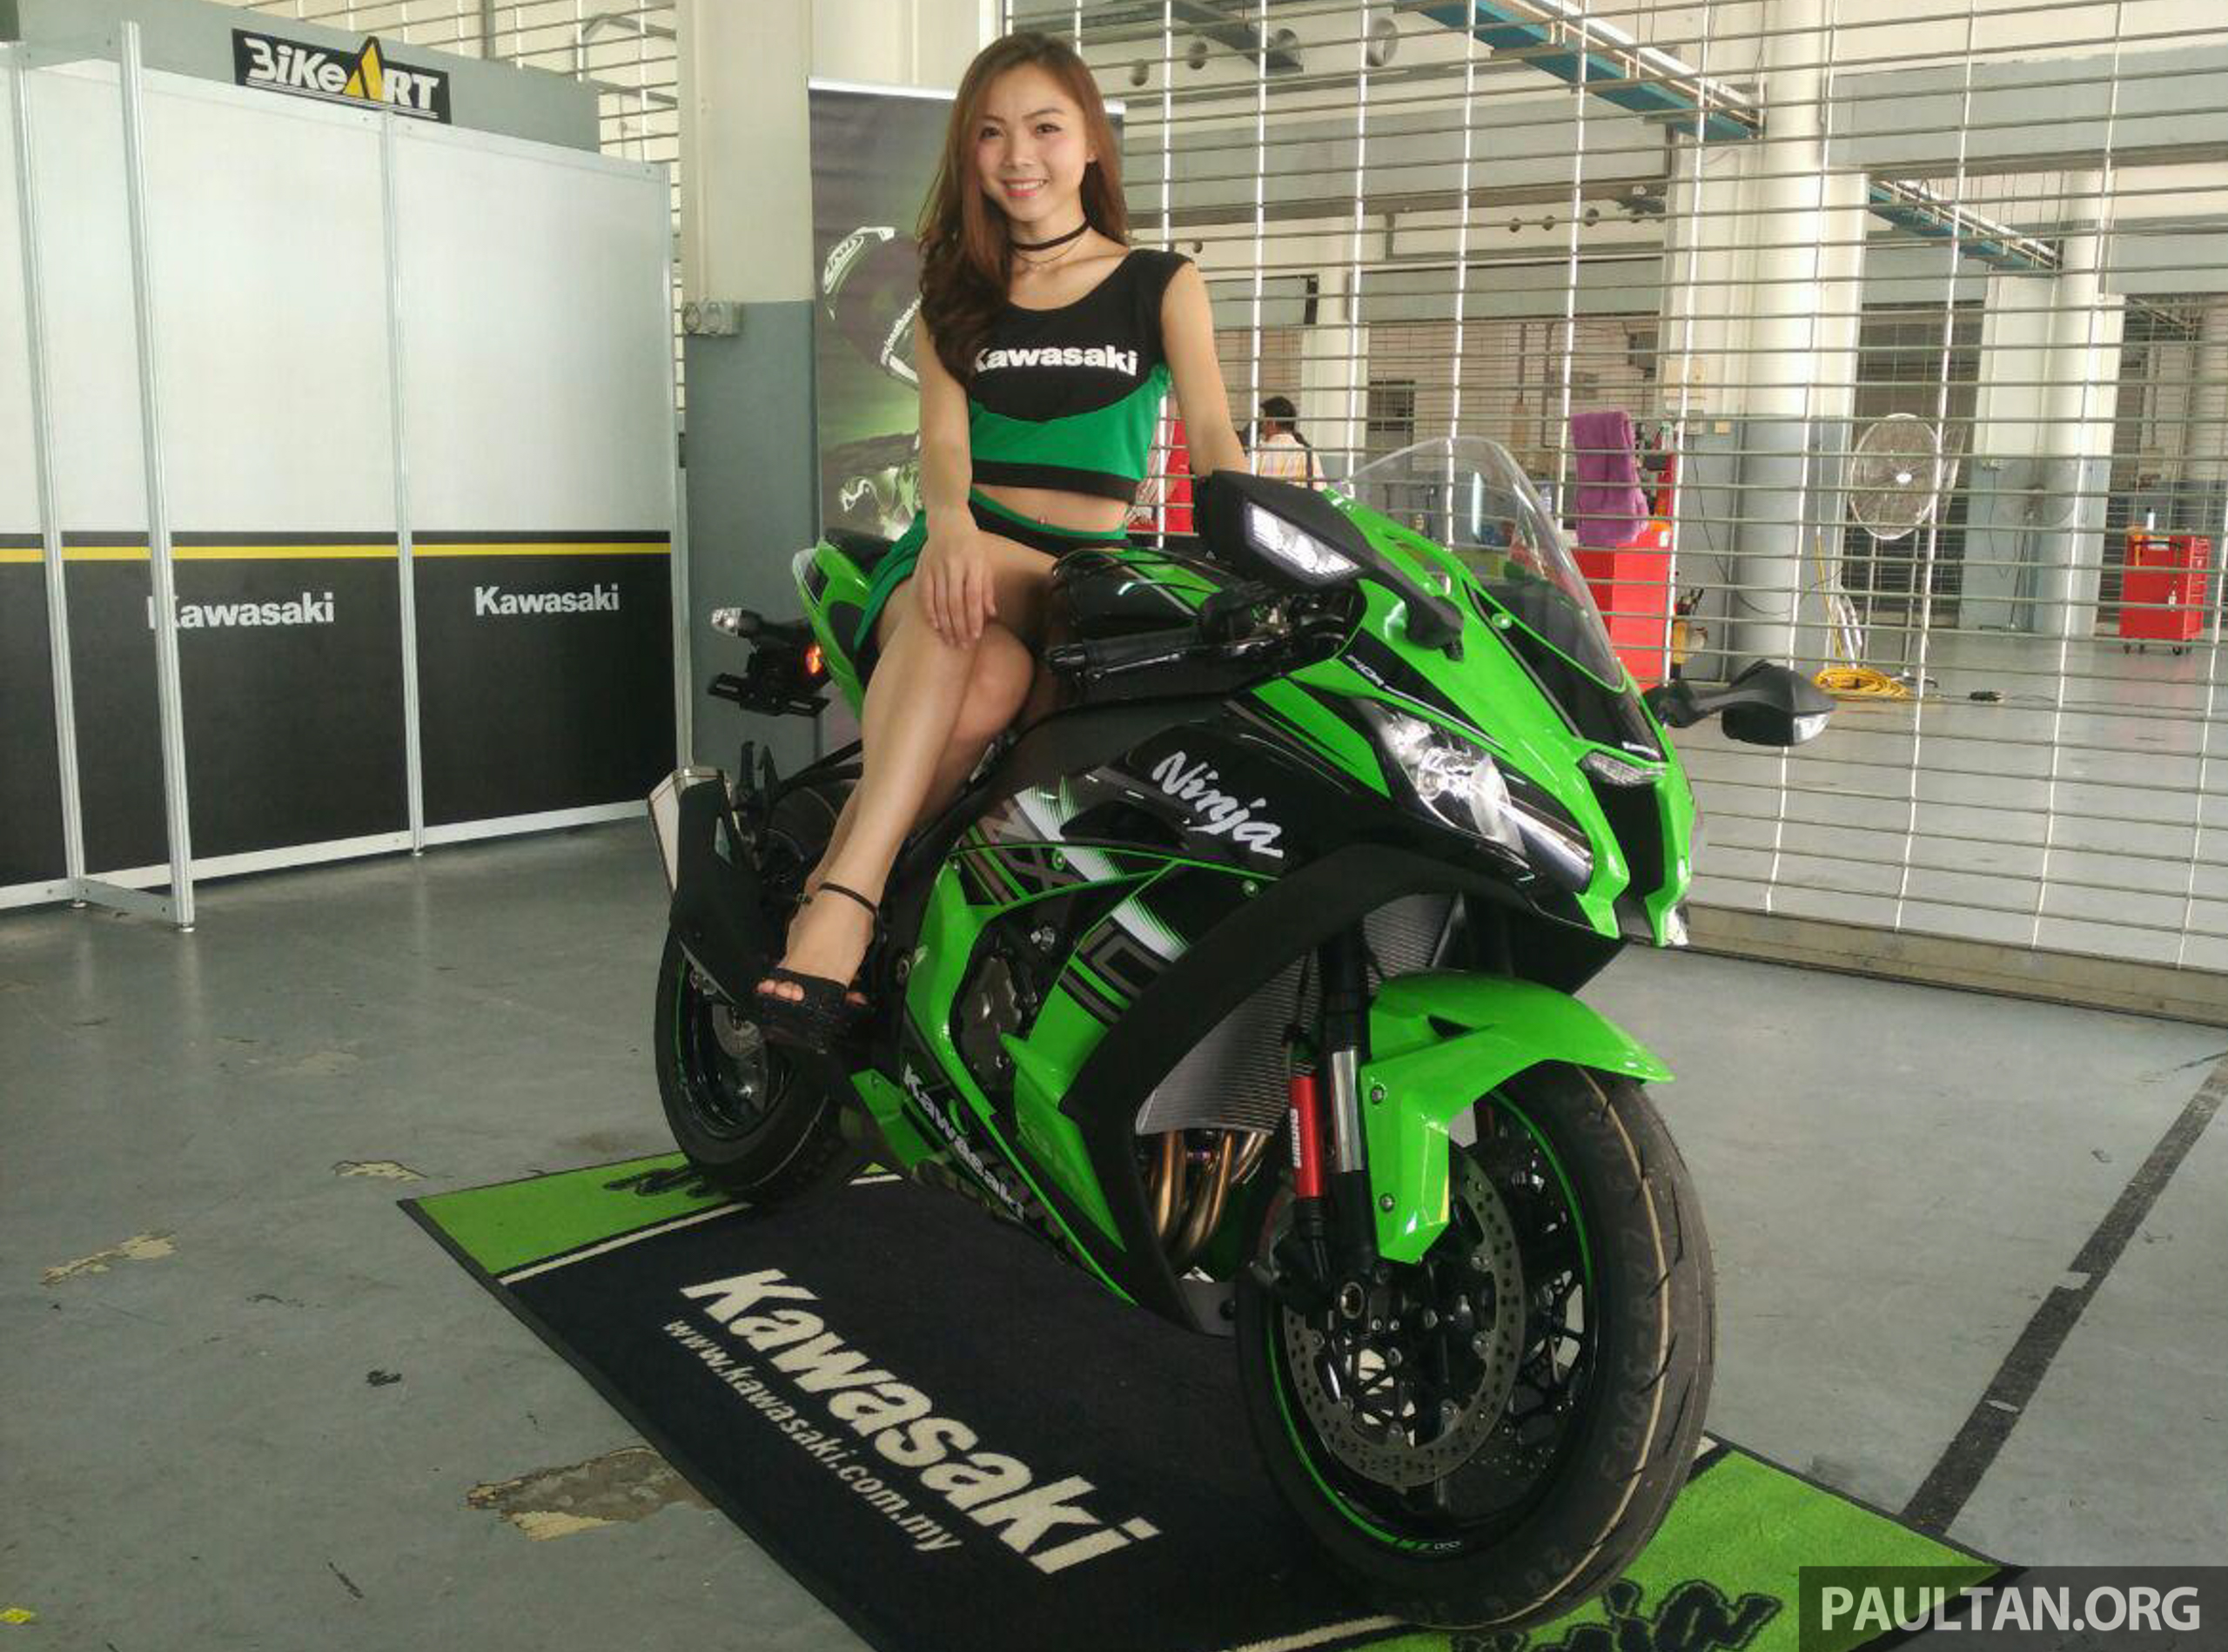 Kawasaki Ninja Zx R Price In Malaysia